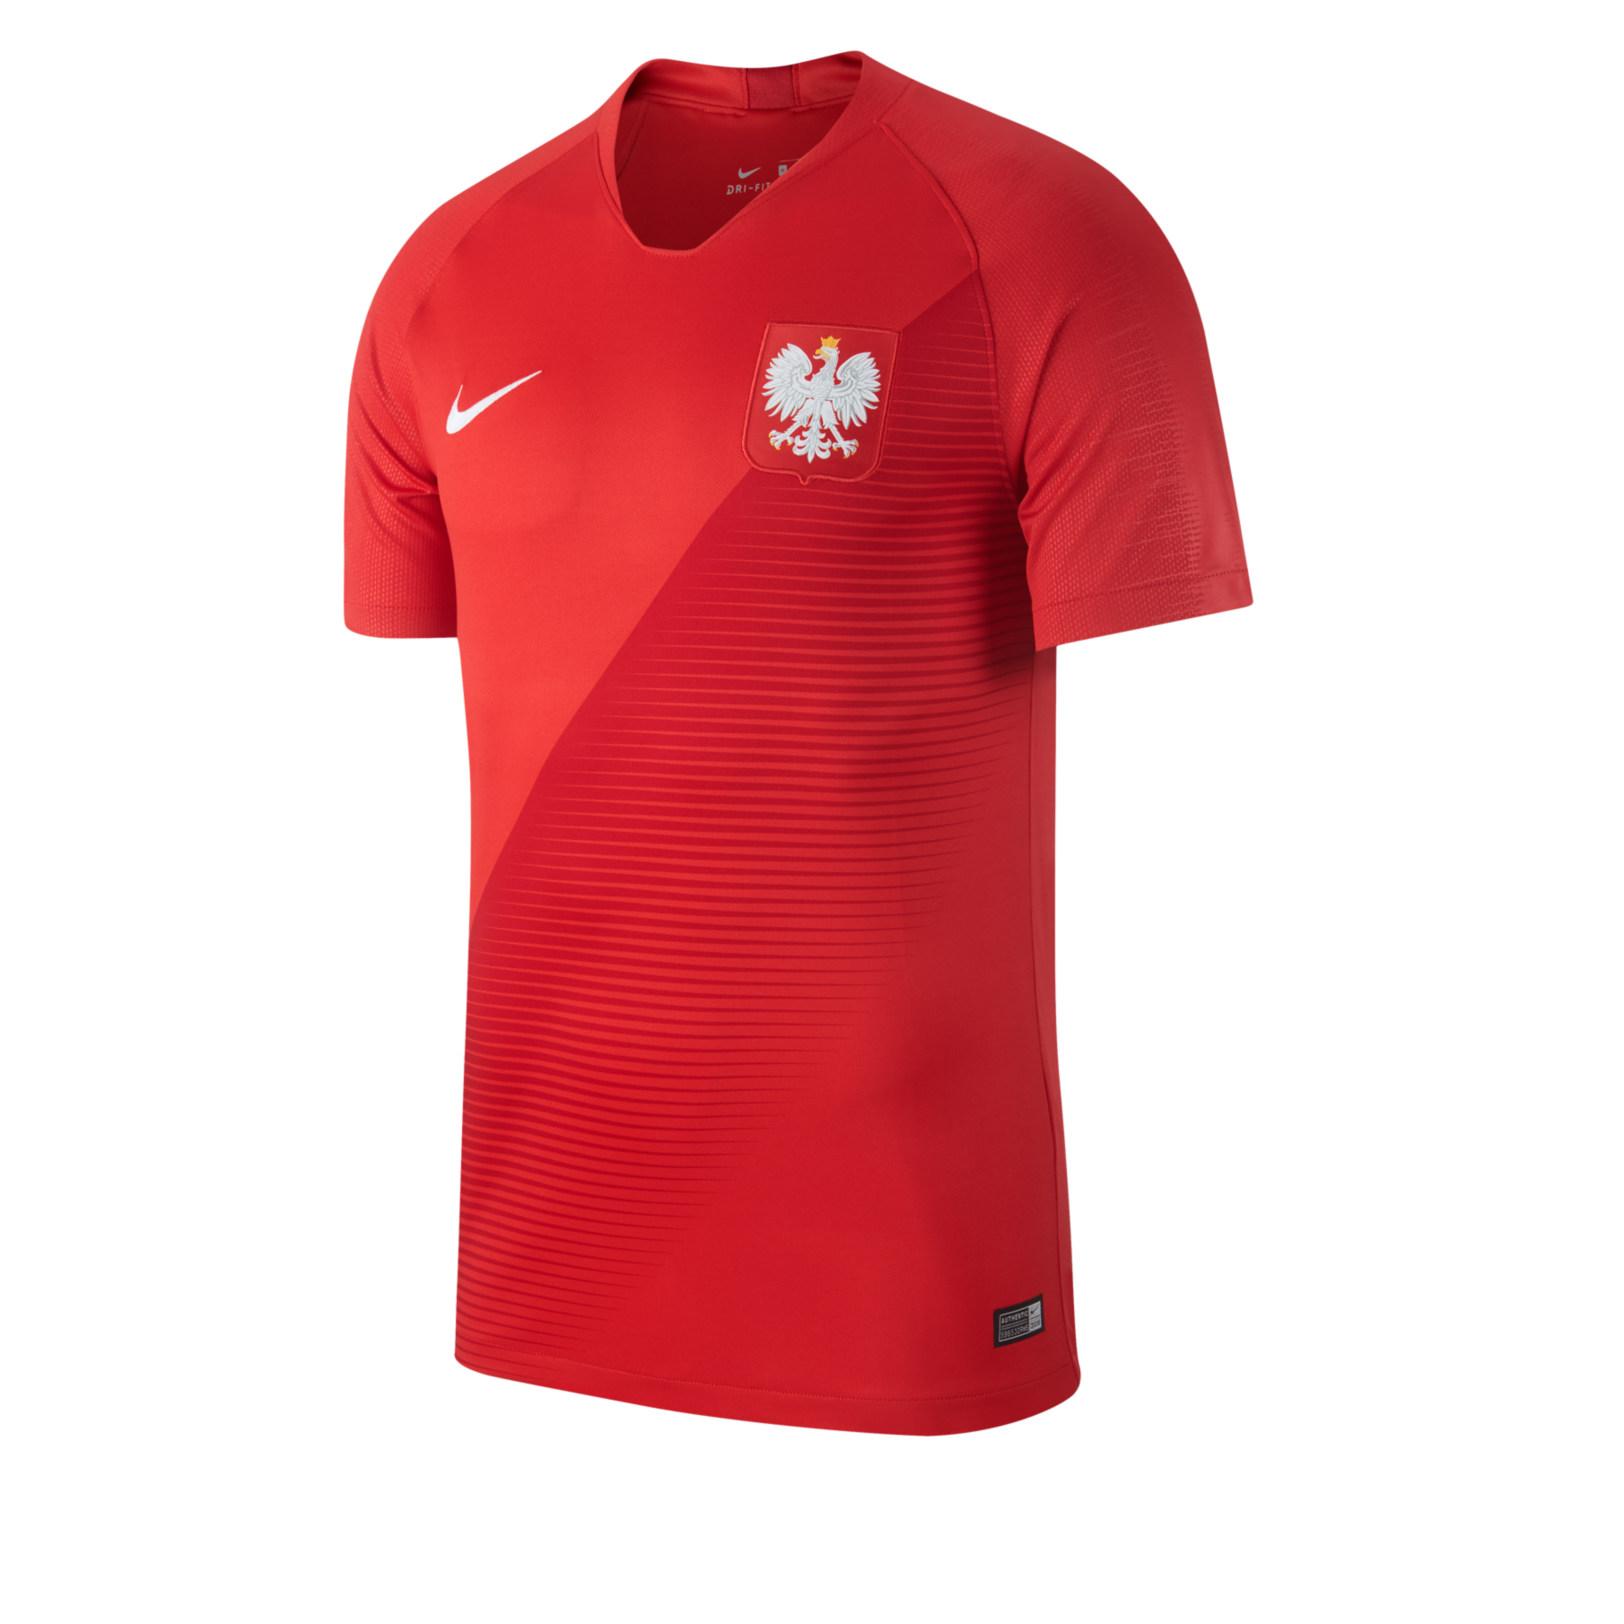 hot sale online 2e340 c8b65 Poland Men Away World Cup 2018 Fans Jersey. ‹ ›